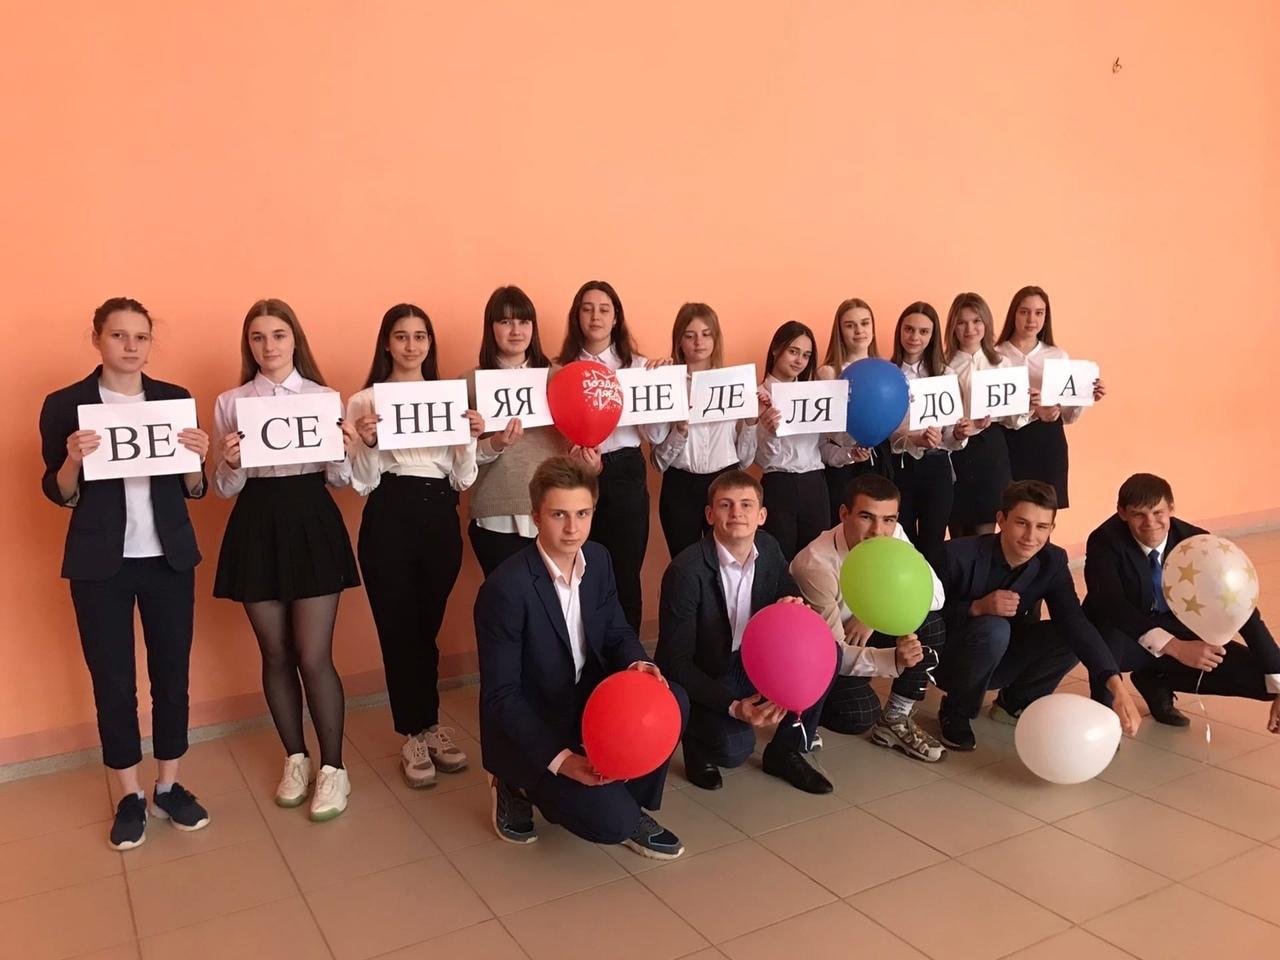 Петровчане присоединились ко Всероссийской неделе добра